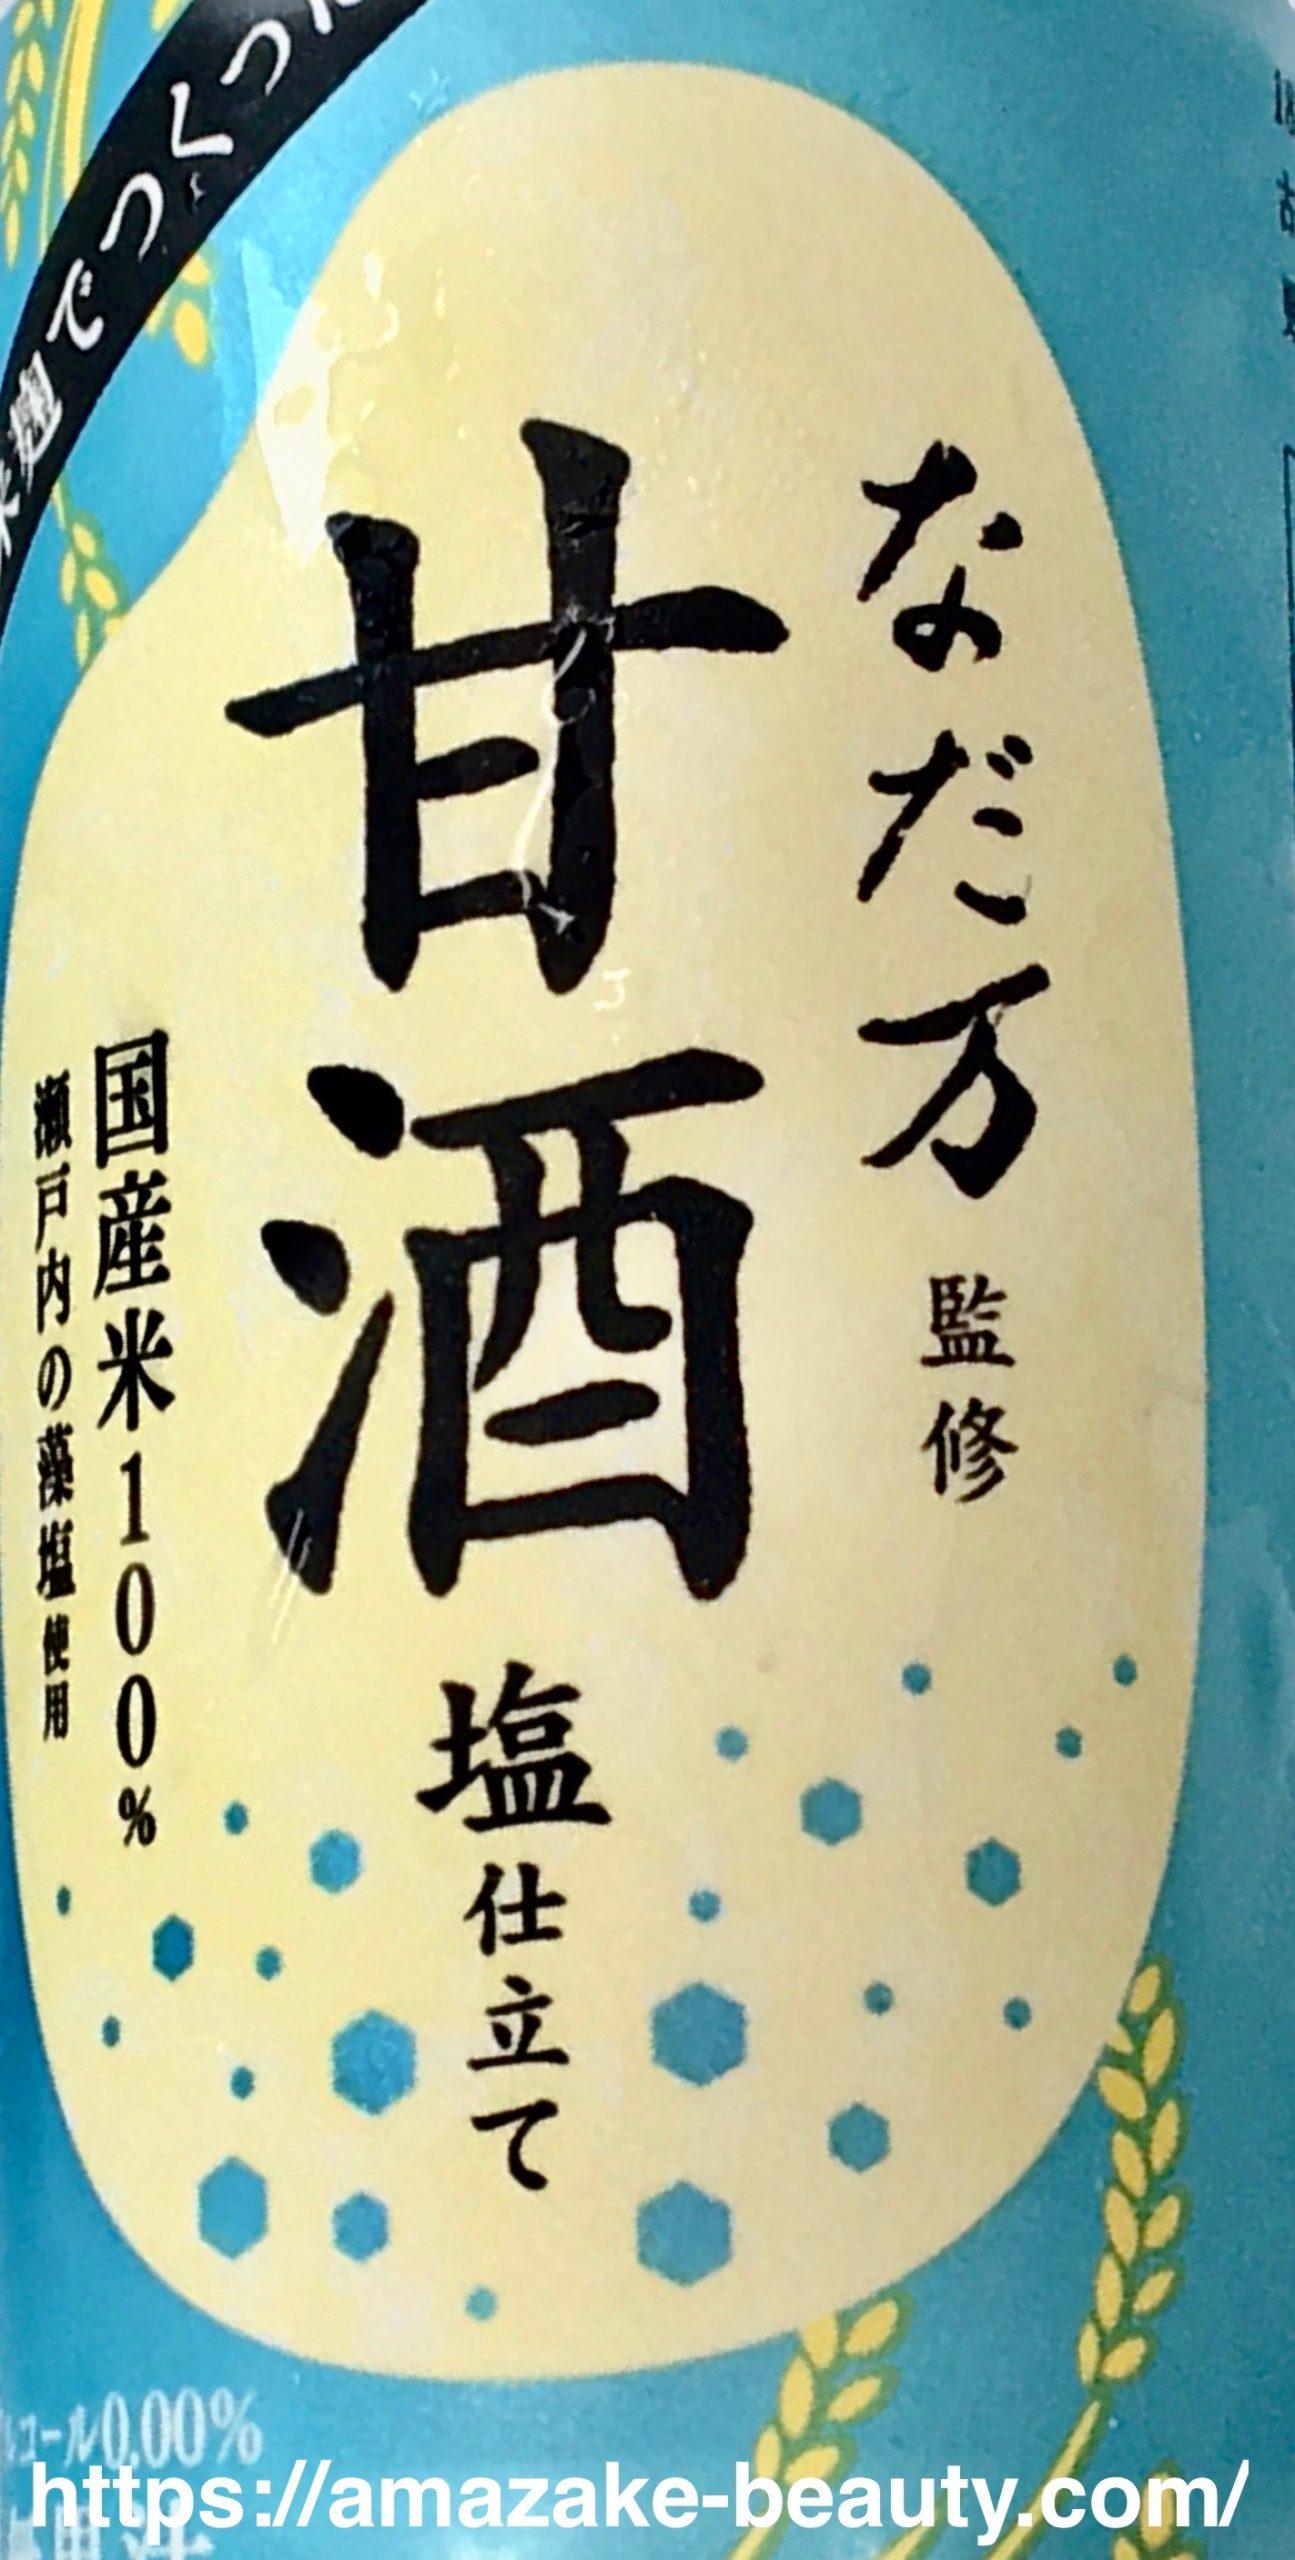 【甘酒】エルビー『なだ万監修 甘酒 塩仕立て』(パッケージデザイン)